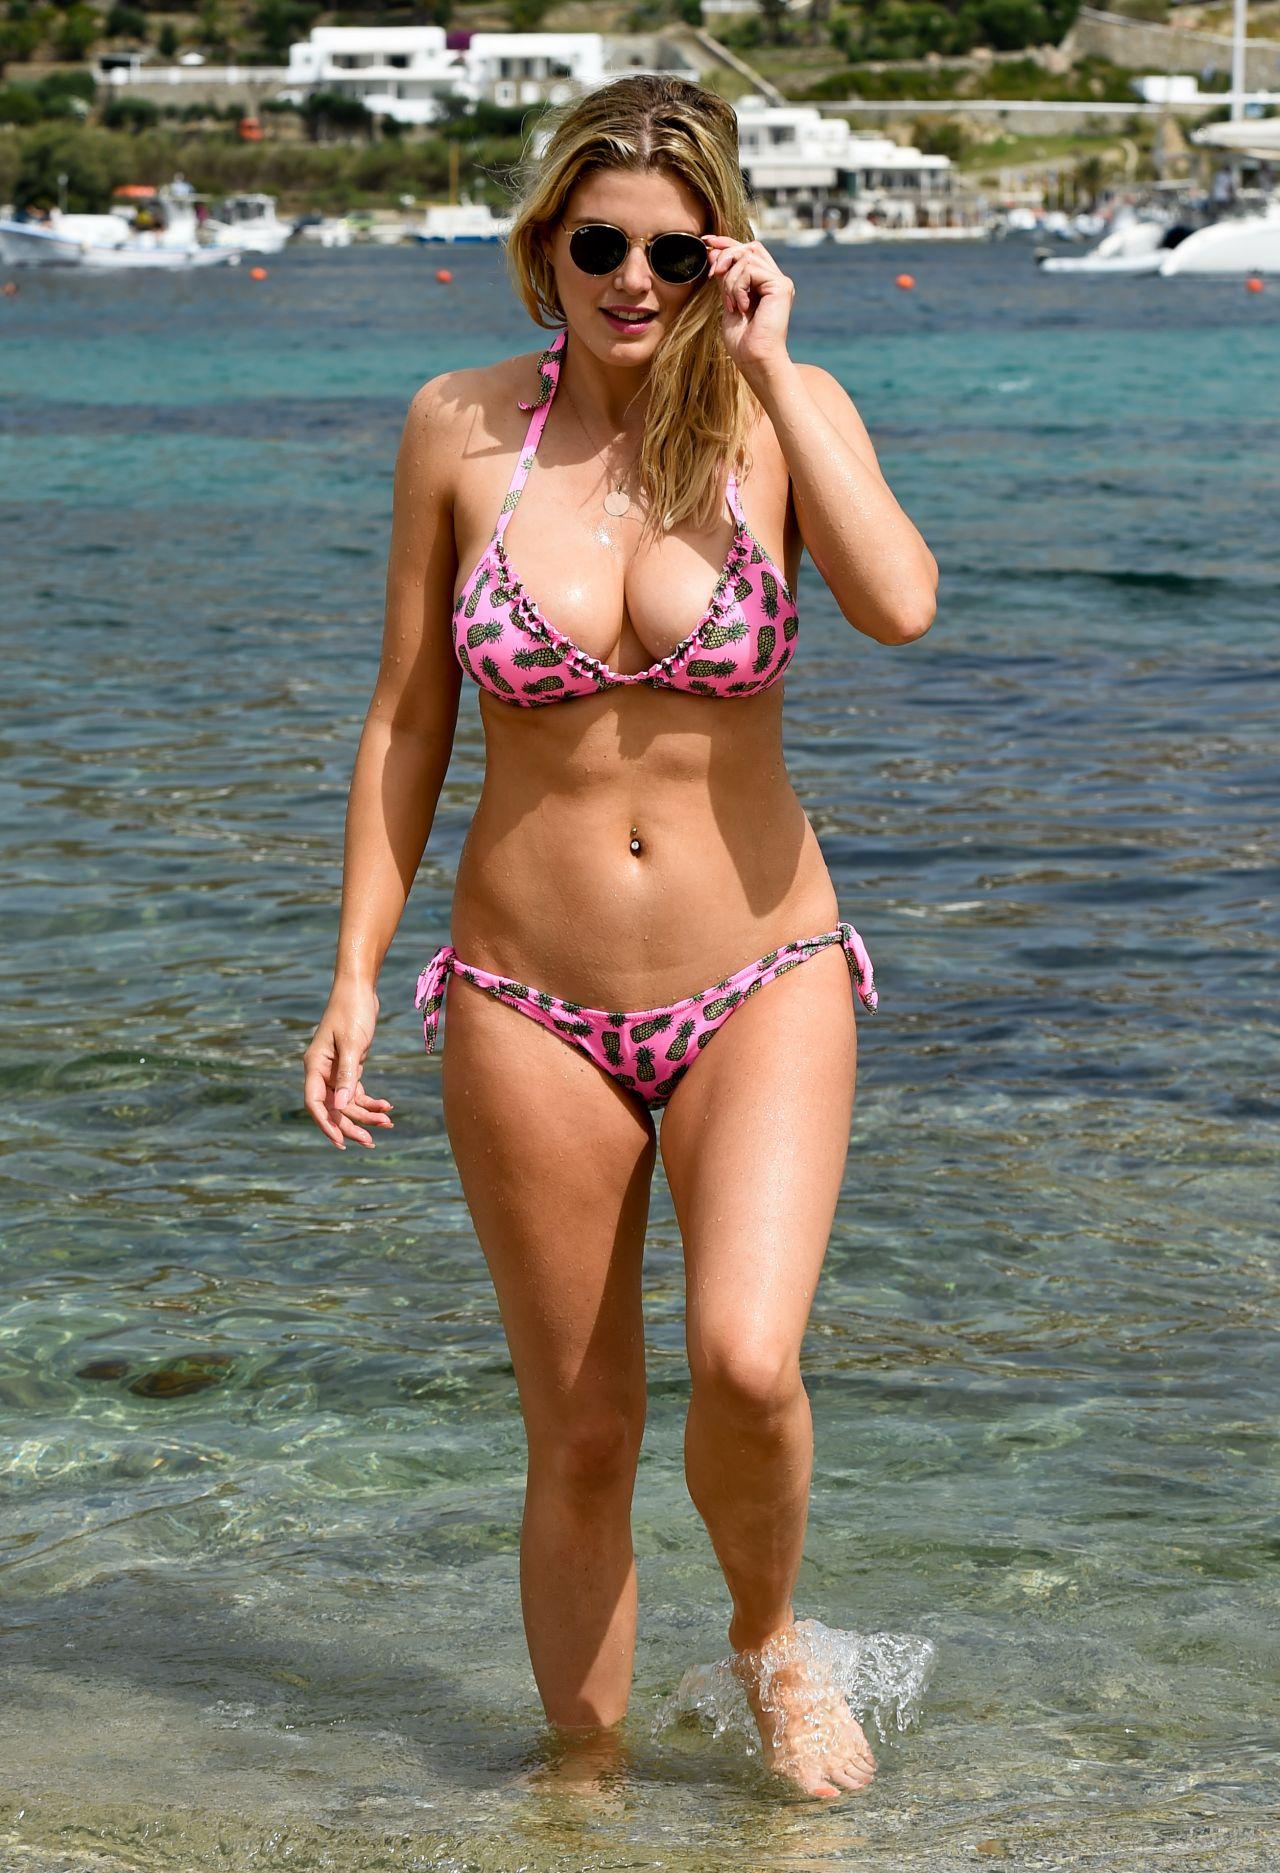 ashley-james-hot-in-bikini-having-fun-on